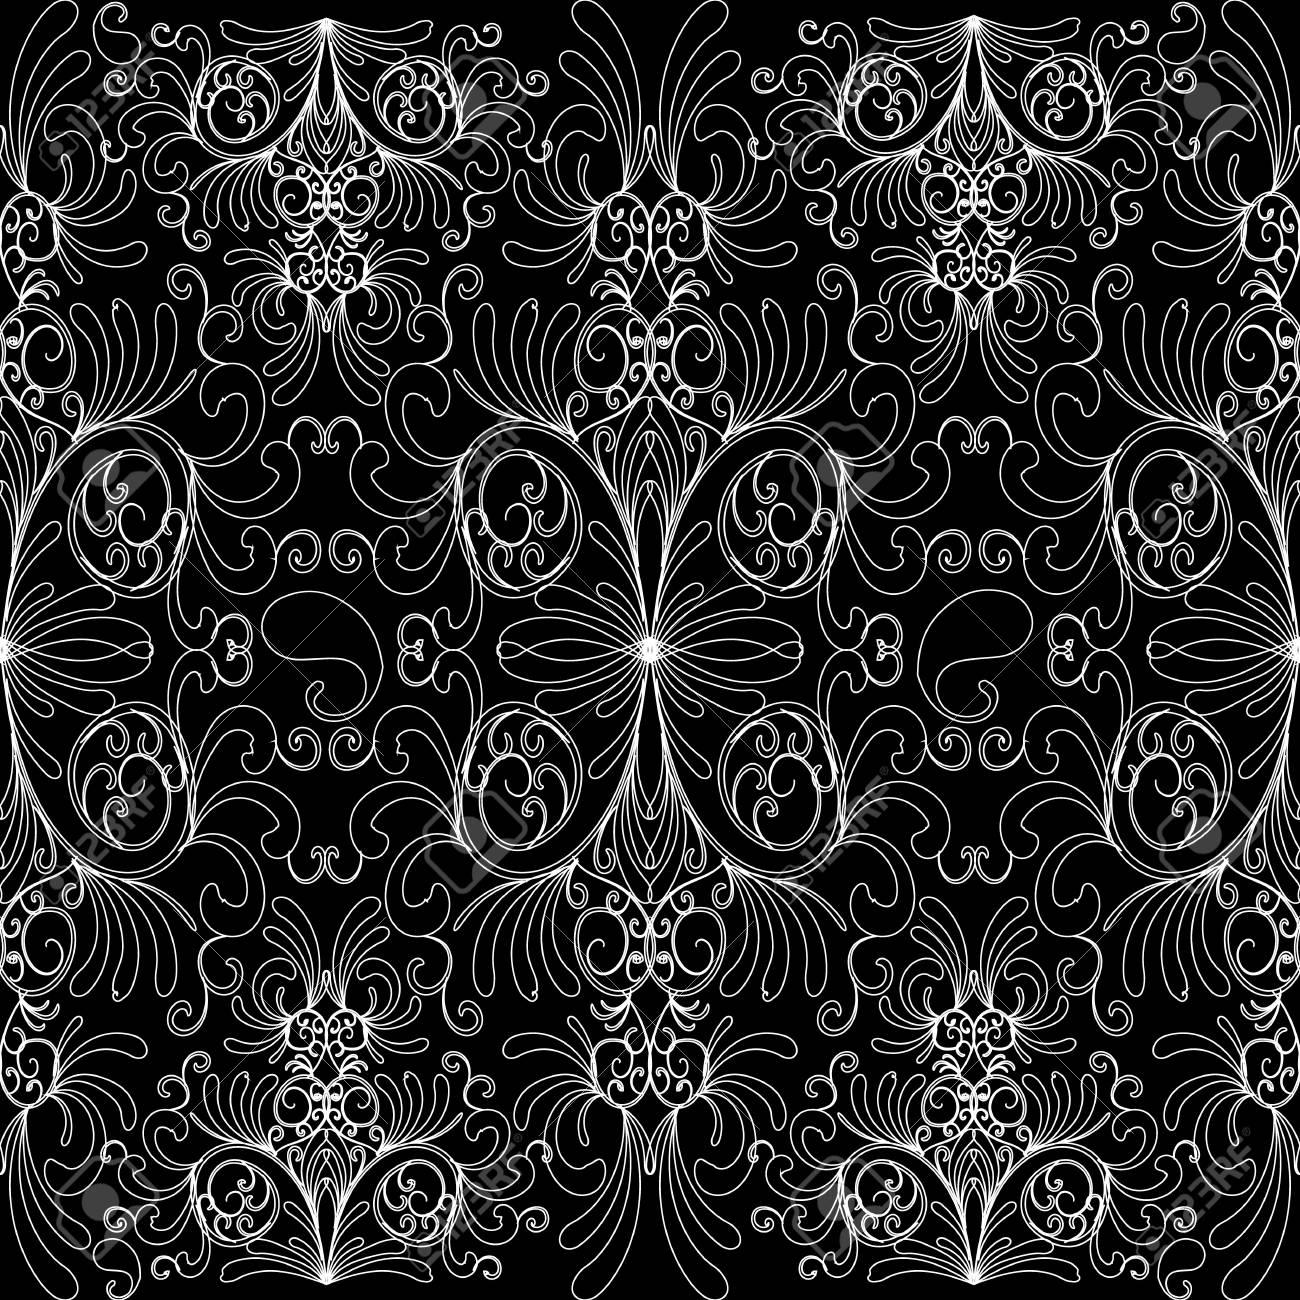 Floral Vintage Black White Background Ornate Wallpaper Decorative Hand